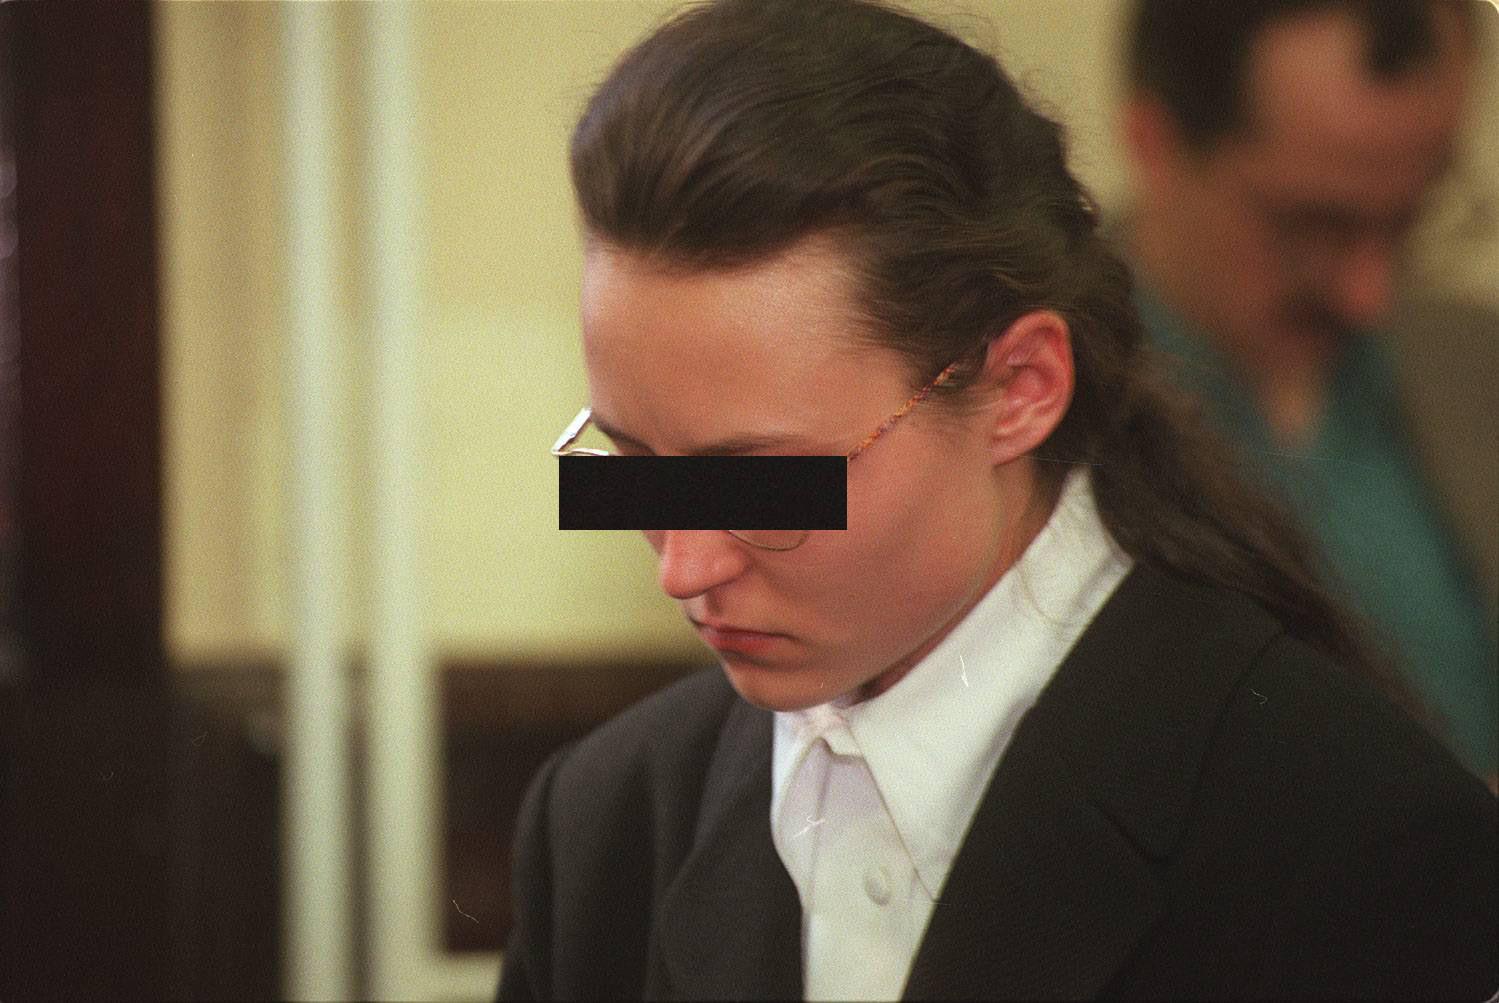 Marzec 1998 r. Proces o zabójstwo Joli Brzozowskiej. Na zdjęciu Monika O. 'Osa' (fot. Jacek Marczewski / Agencja Gazeta)